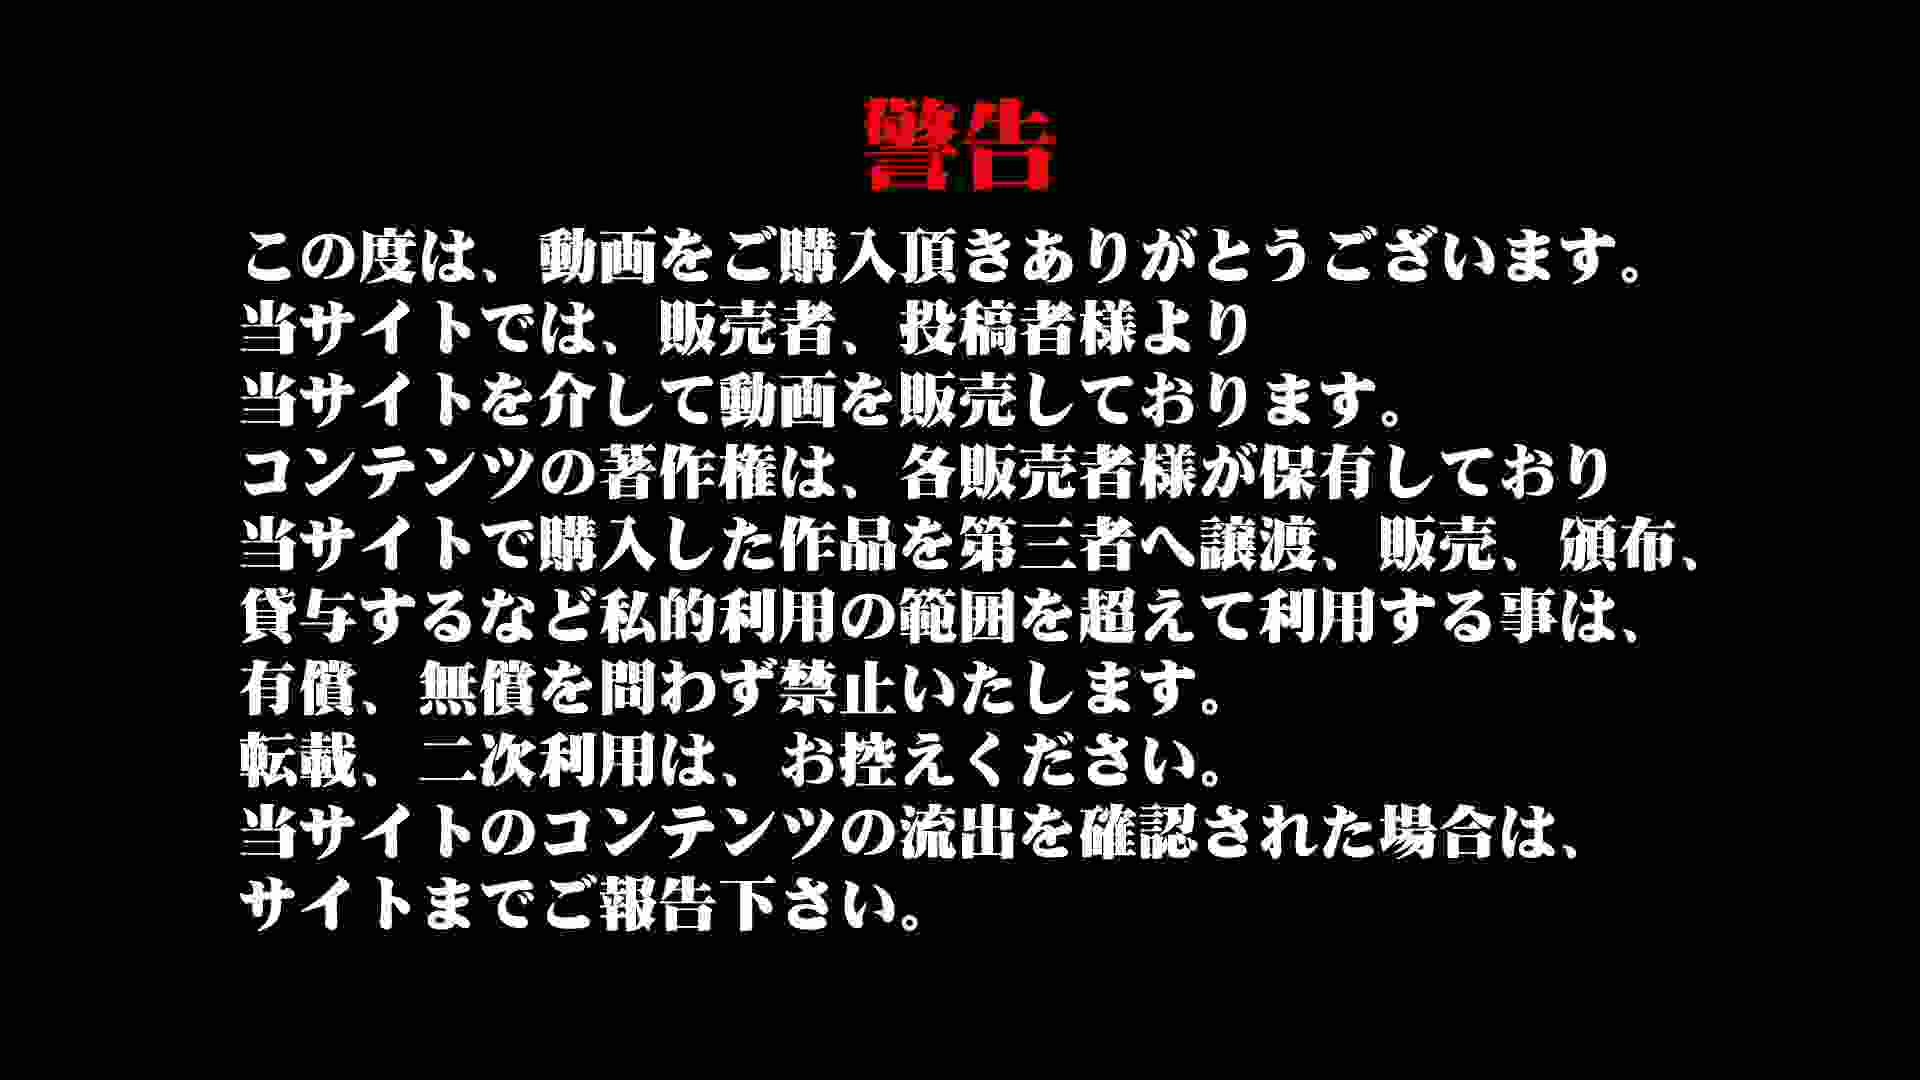 Aquaな露天風呂Vol.894 露天風呂  9枚 2